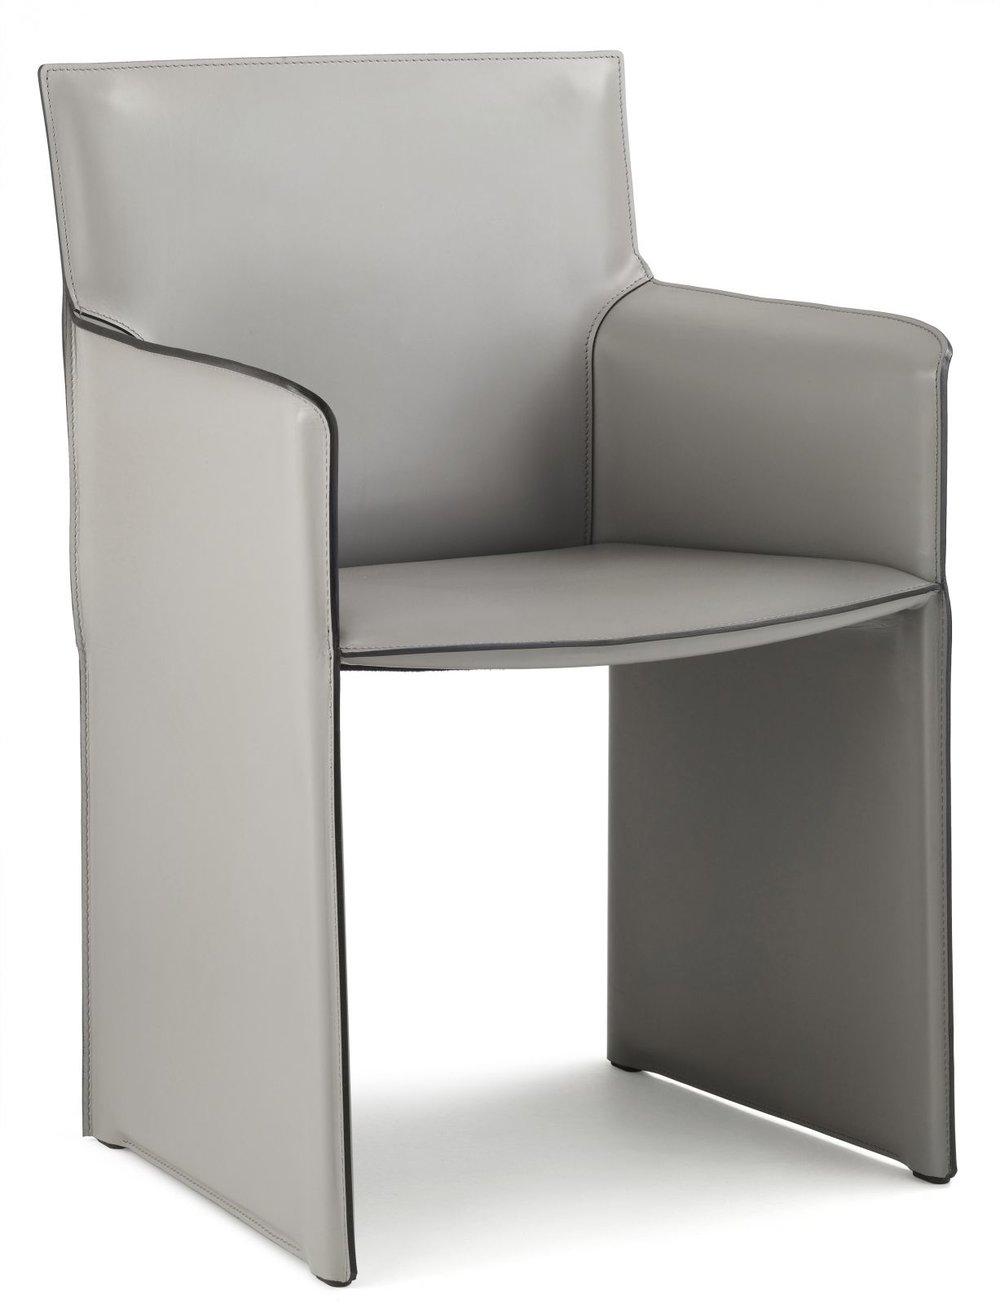 MOF 26 Modern Office Chair